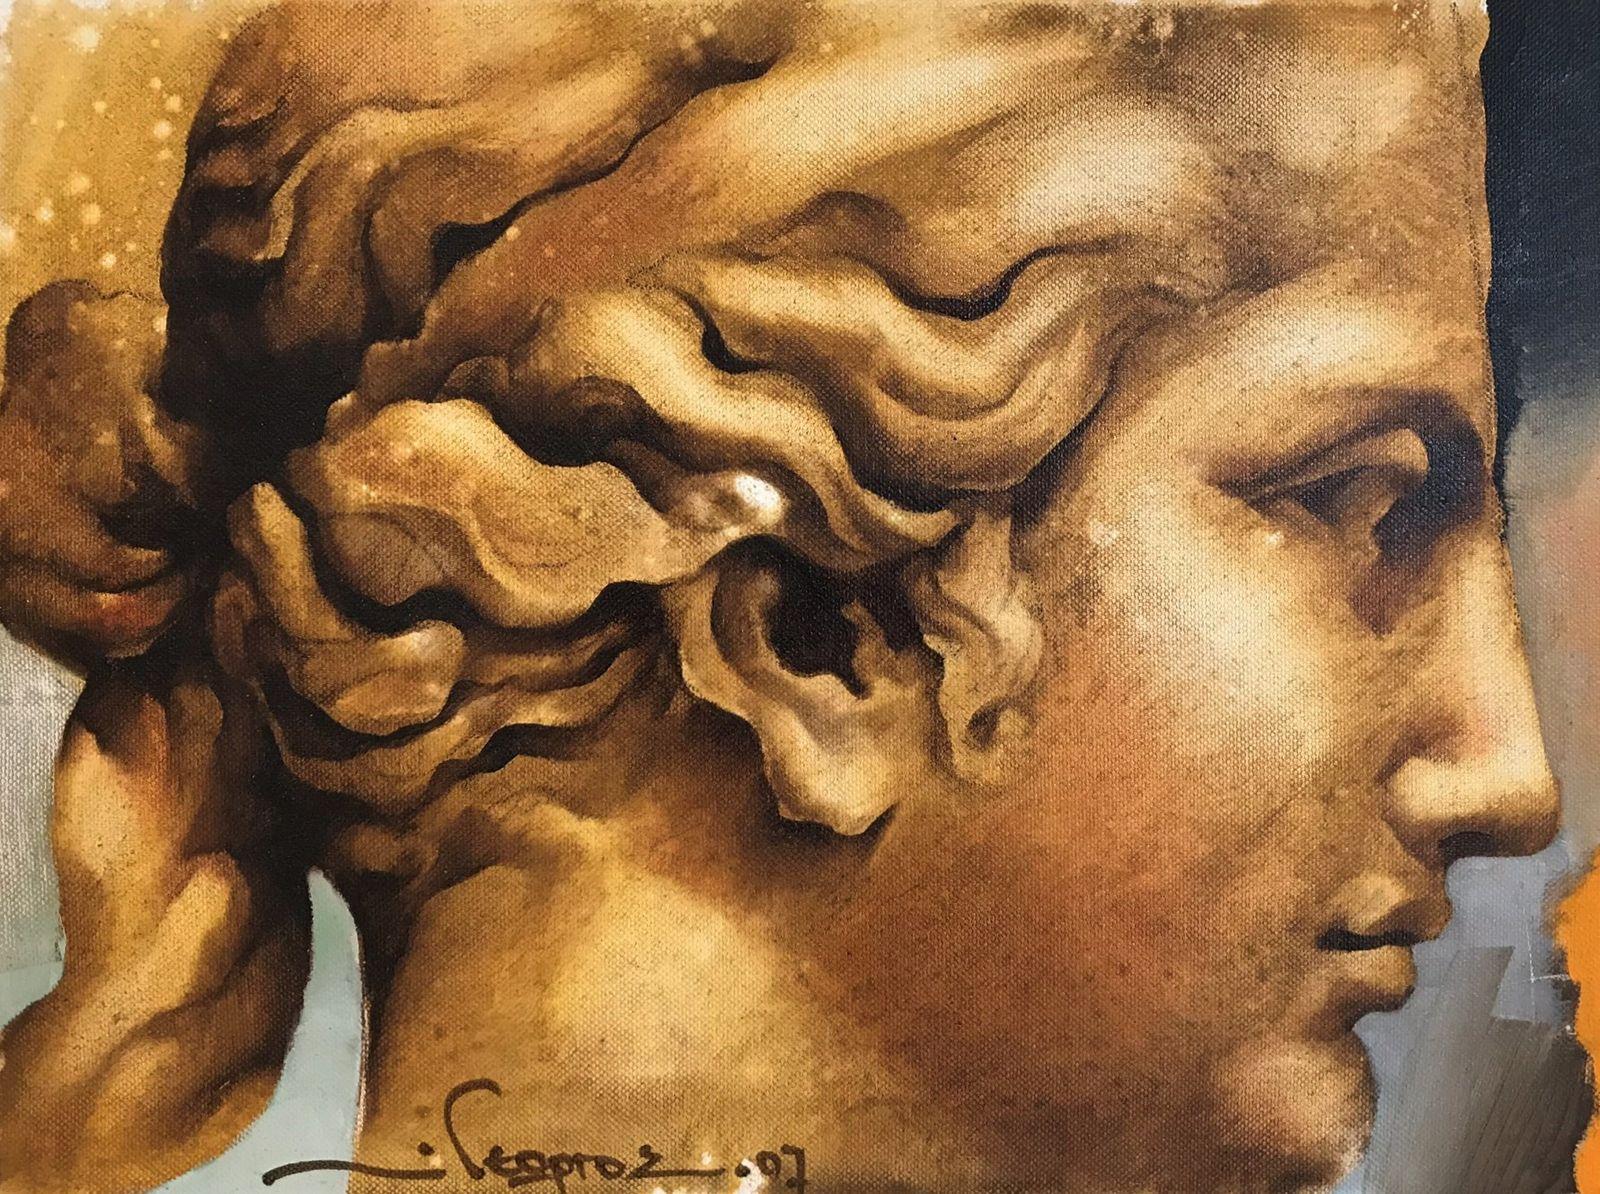 Γεώργου 30×40 Ακρυλικά σε καμβά Georgou 30×40 Acrylics on canvas